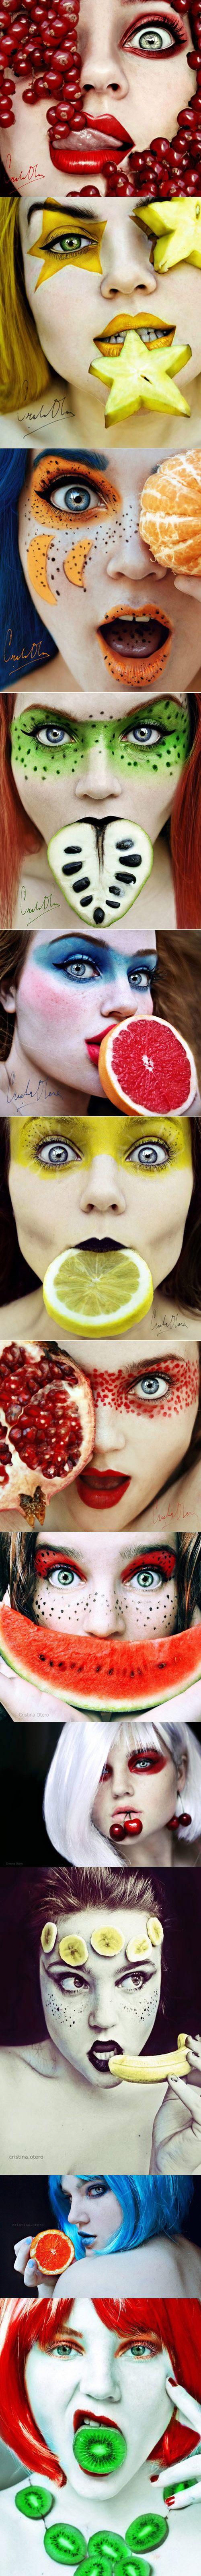 Tutti Frutti Self Portraits By Cristina Otero - #art #photography #portrait…